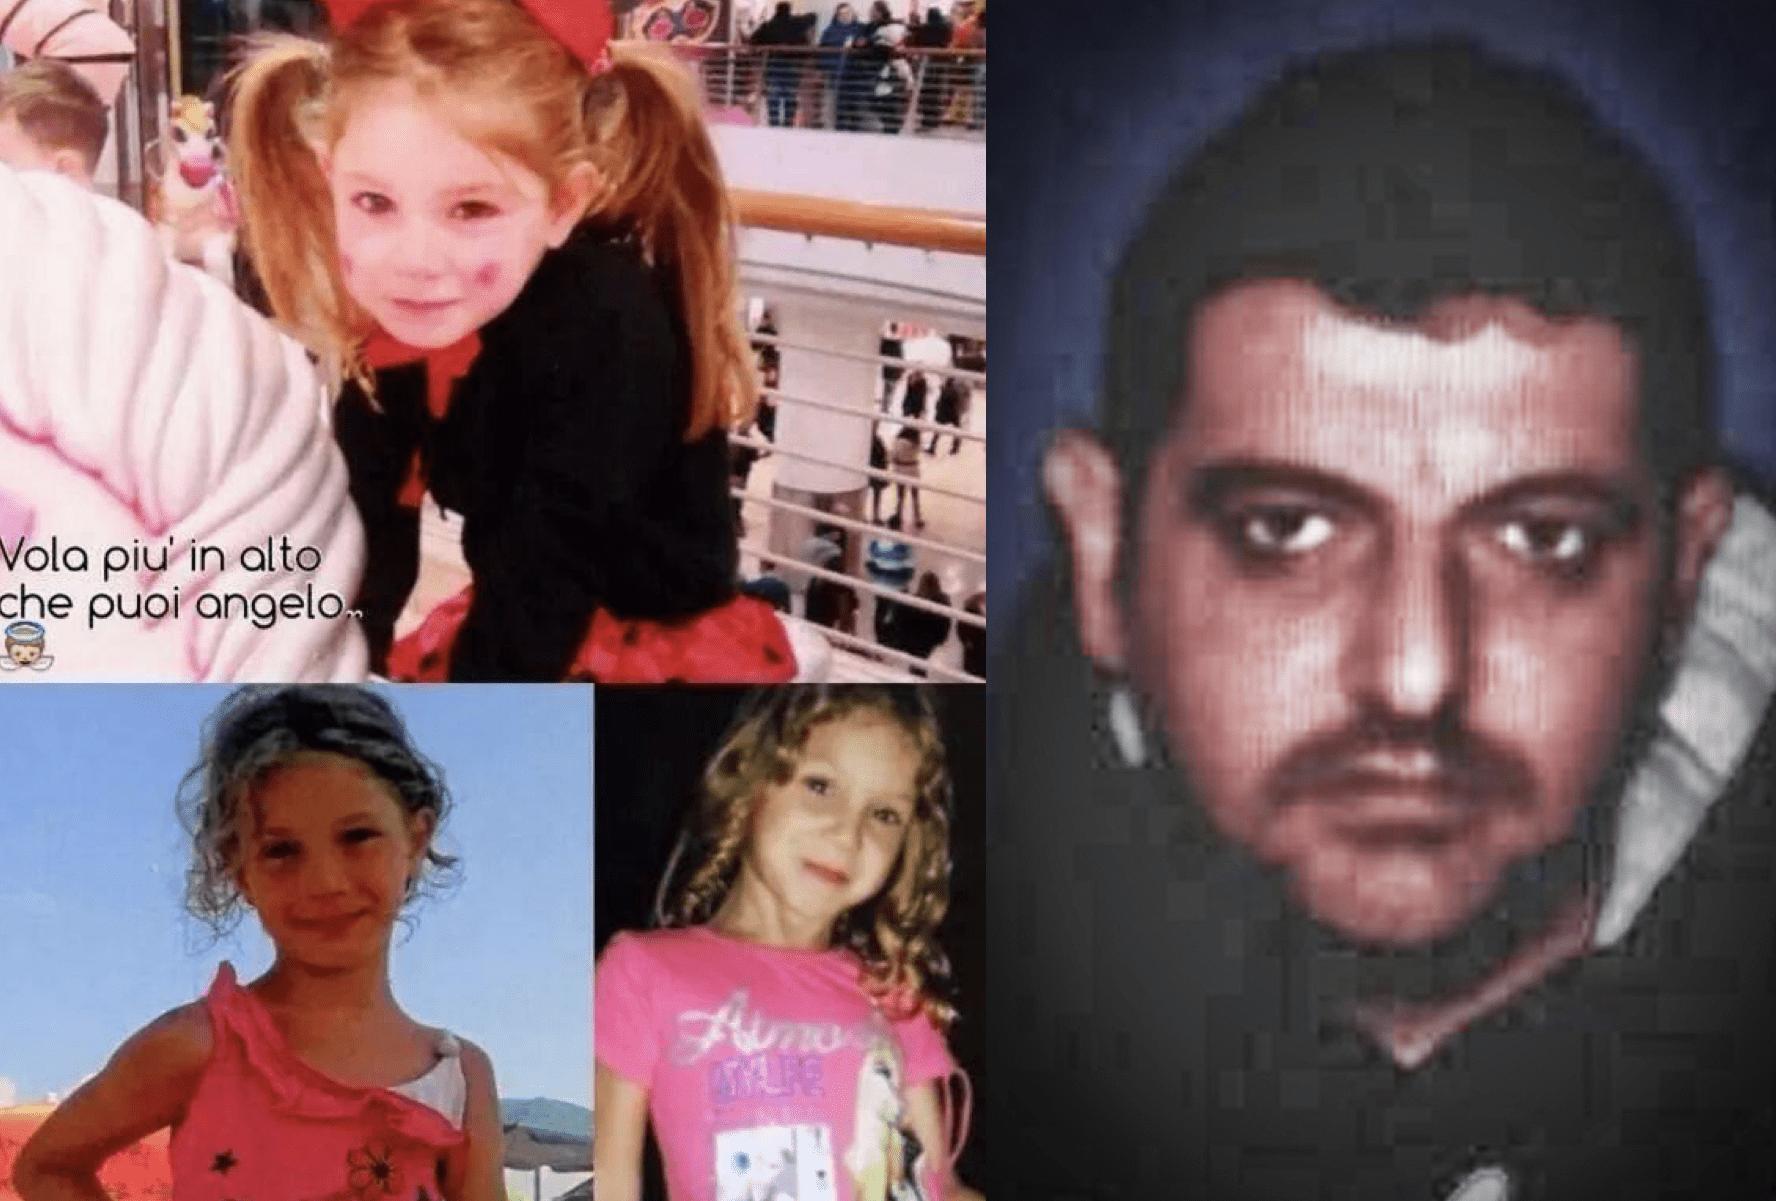 Omicidio Fortuna Loffredo, ergastolo per Raimondo Caputo in appello: dieci anni a Marianna Fabozzi